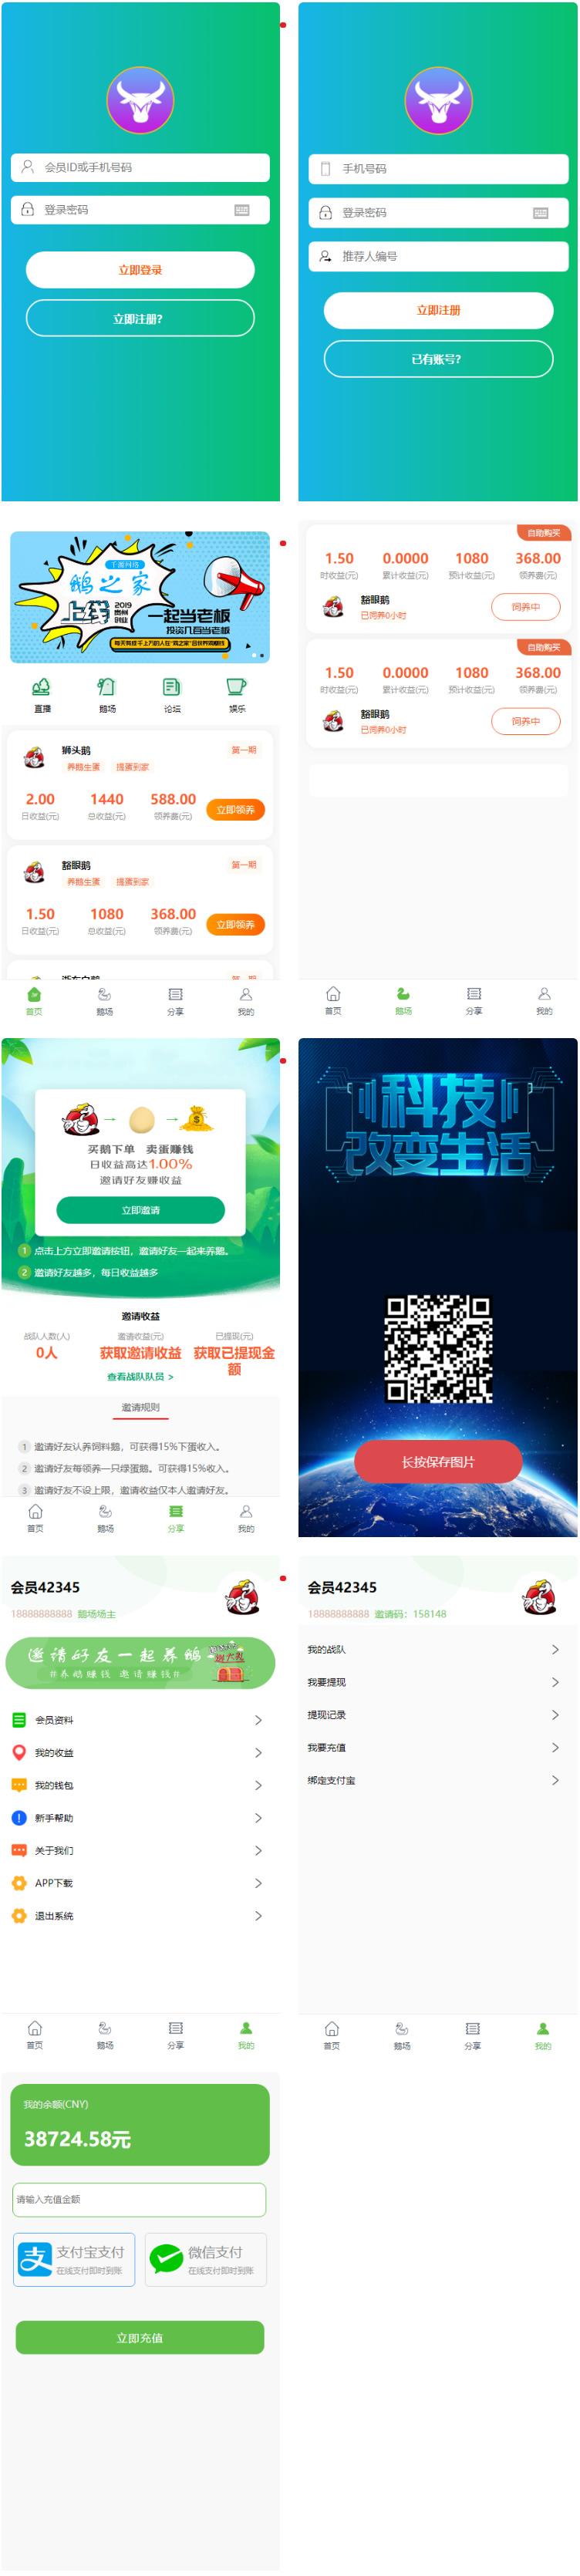 【亲测源码】绿色UI区块链理财养鹅学习版系统源码 第1张